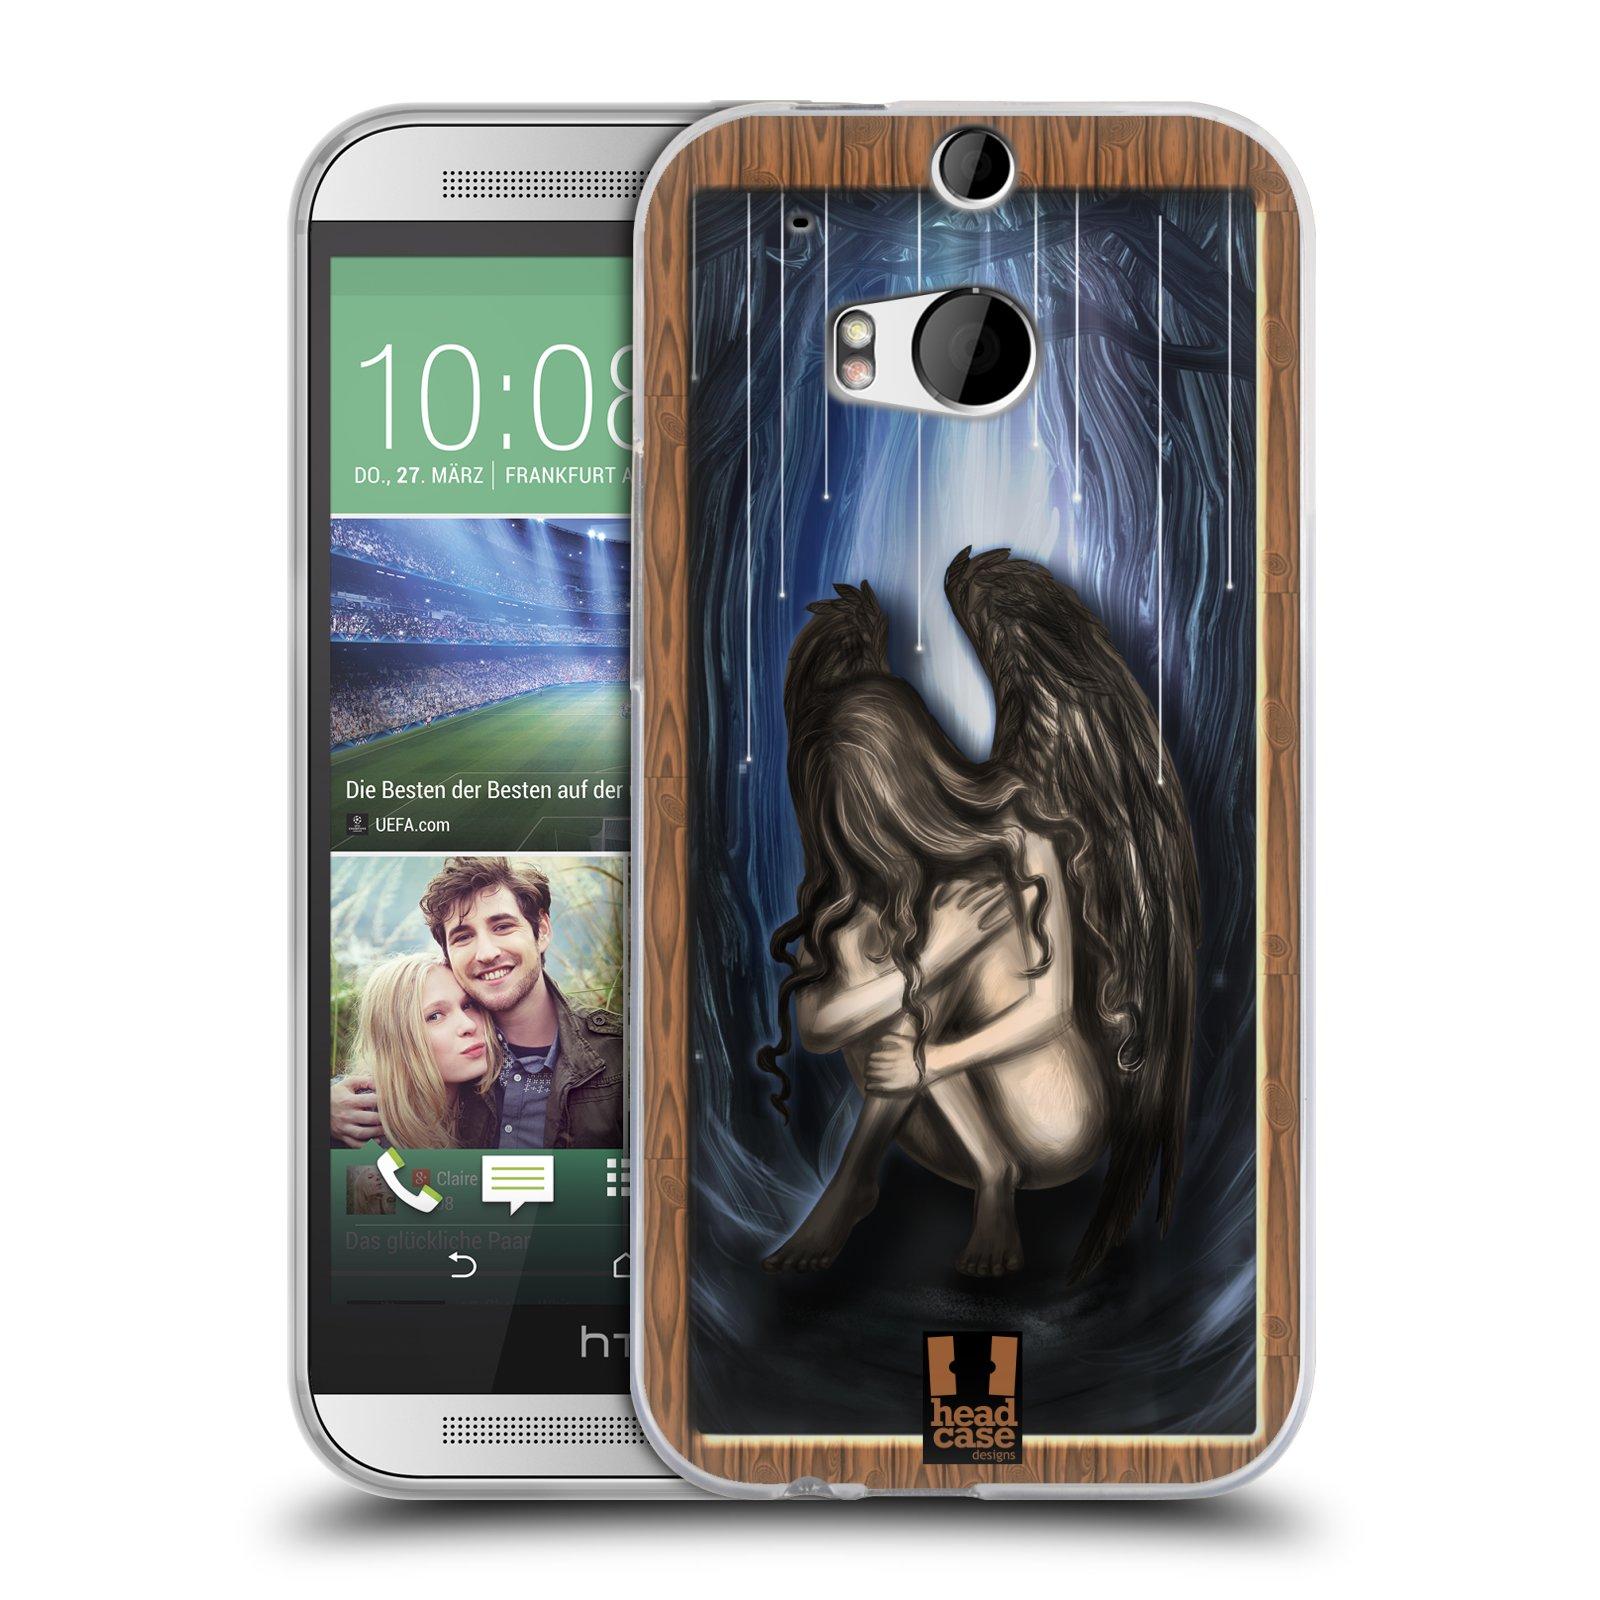 HEAD CASE silikonový obal na mobil HTC ONE (M8) vzor Šedá skříňka ANDĚL